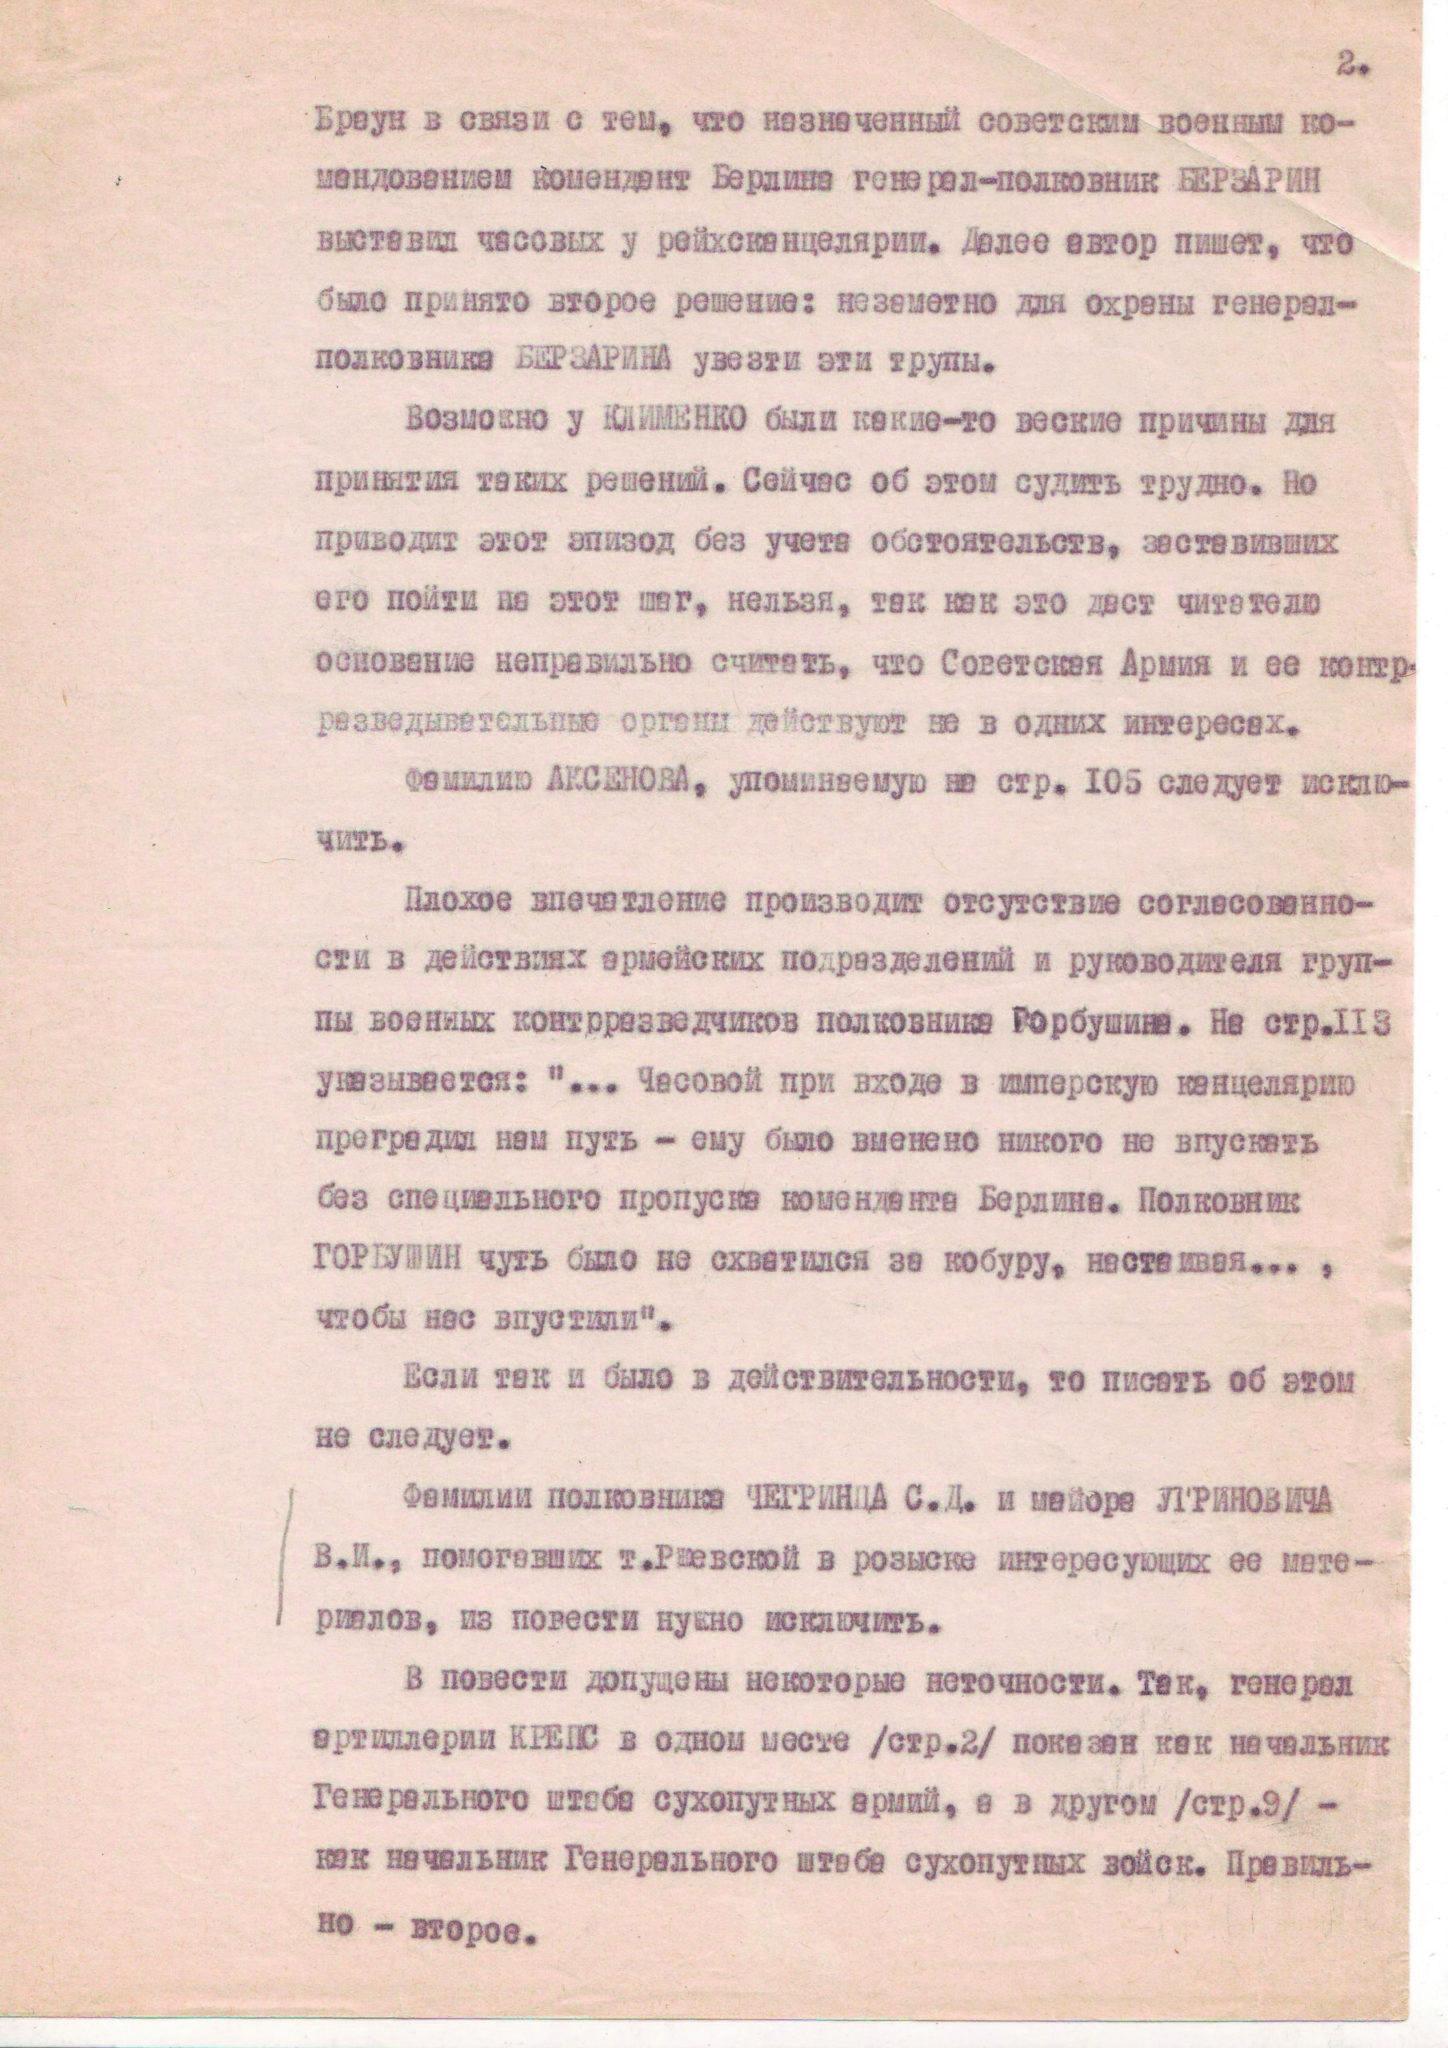 Официальное письмо из КГБ (1965 год) с замечаниями по тексту книги: «Если так и было в действительности, то писать об этом не следует»